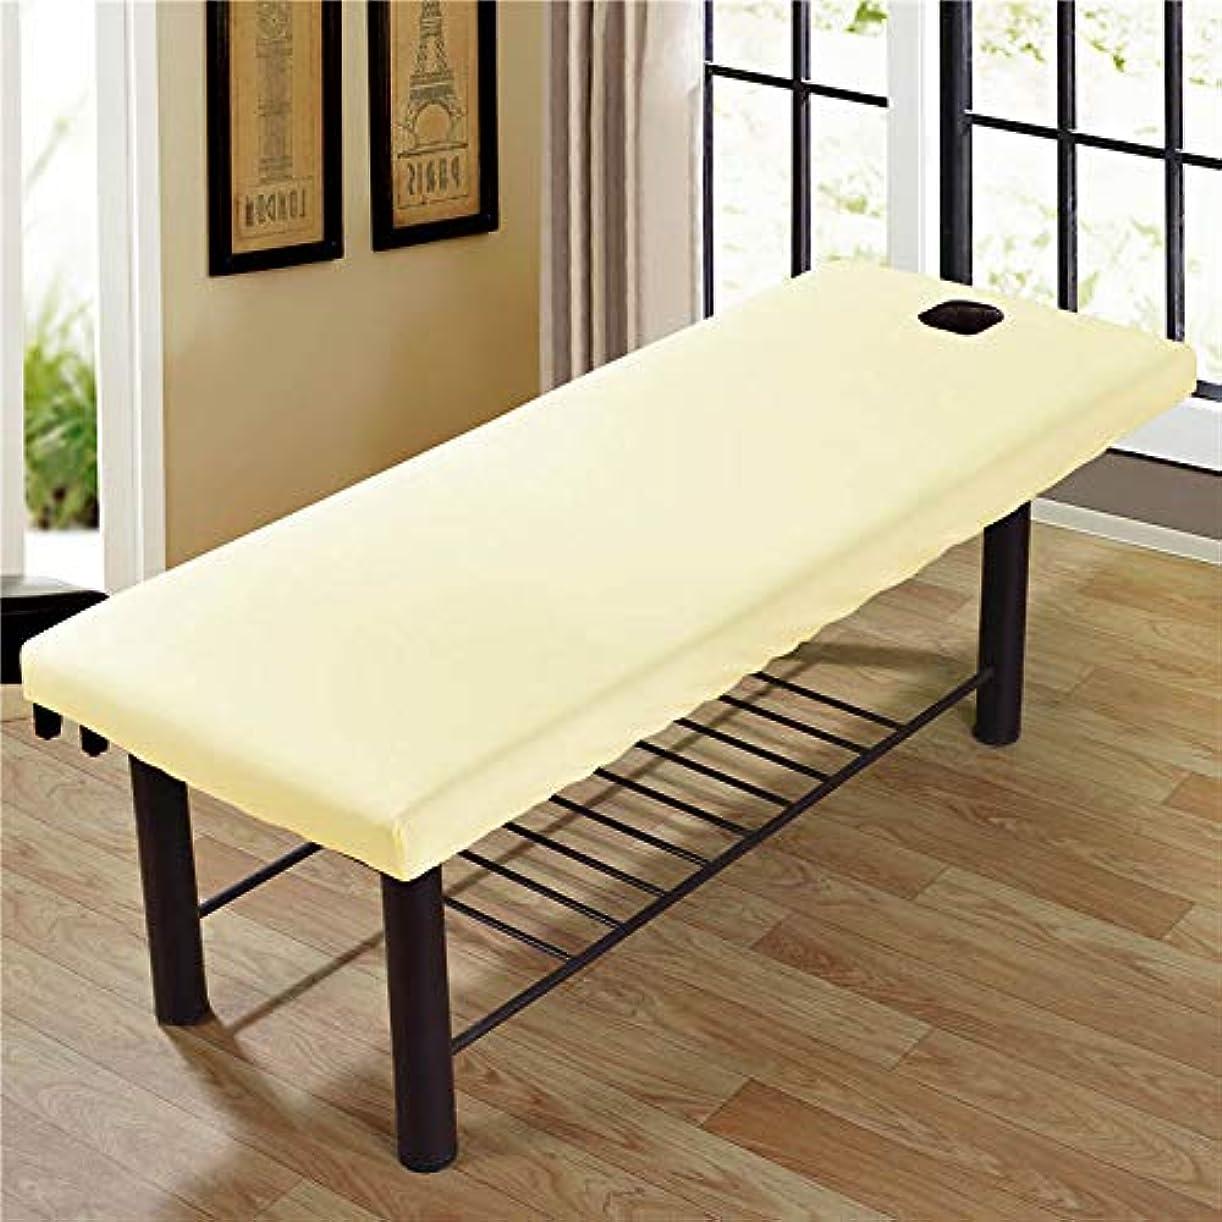 抽象化公使館お世話になったTenflyer 美容院のマッサージ療法のベッドのための柔らかいSoliod色の長方形のマットレス